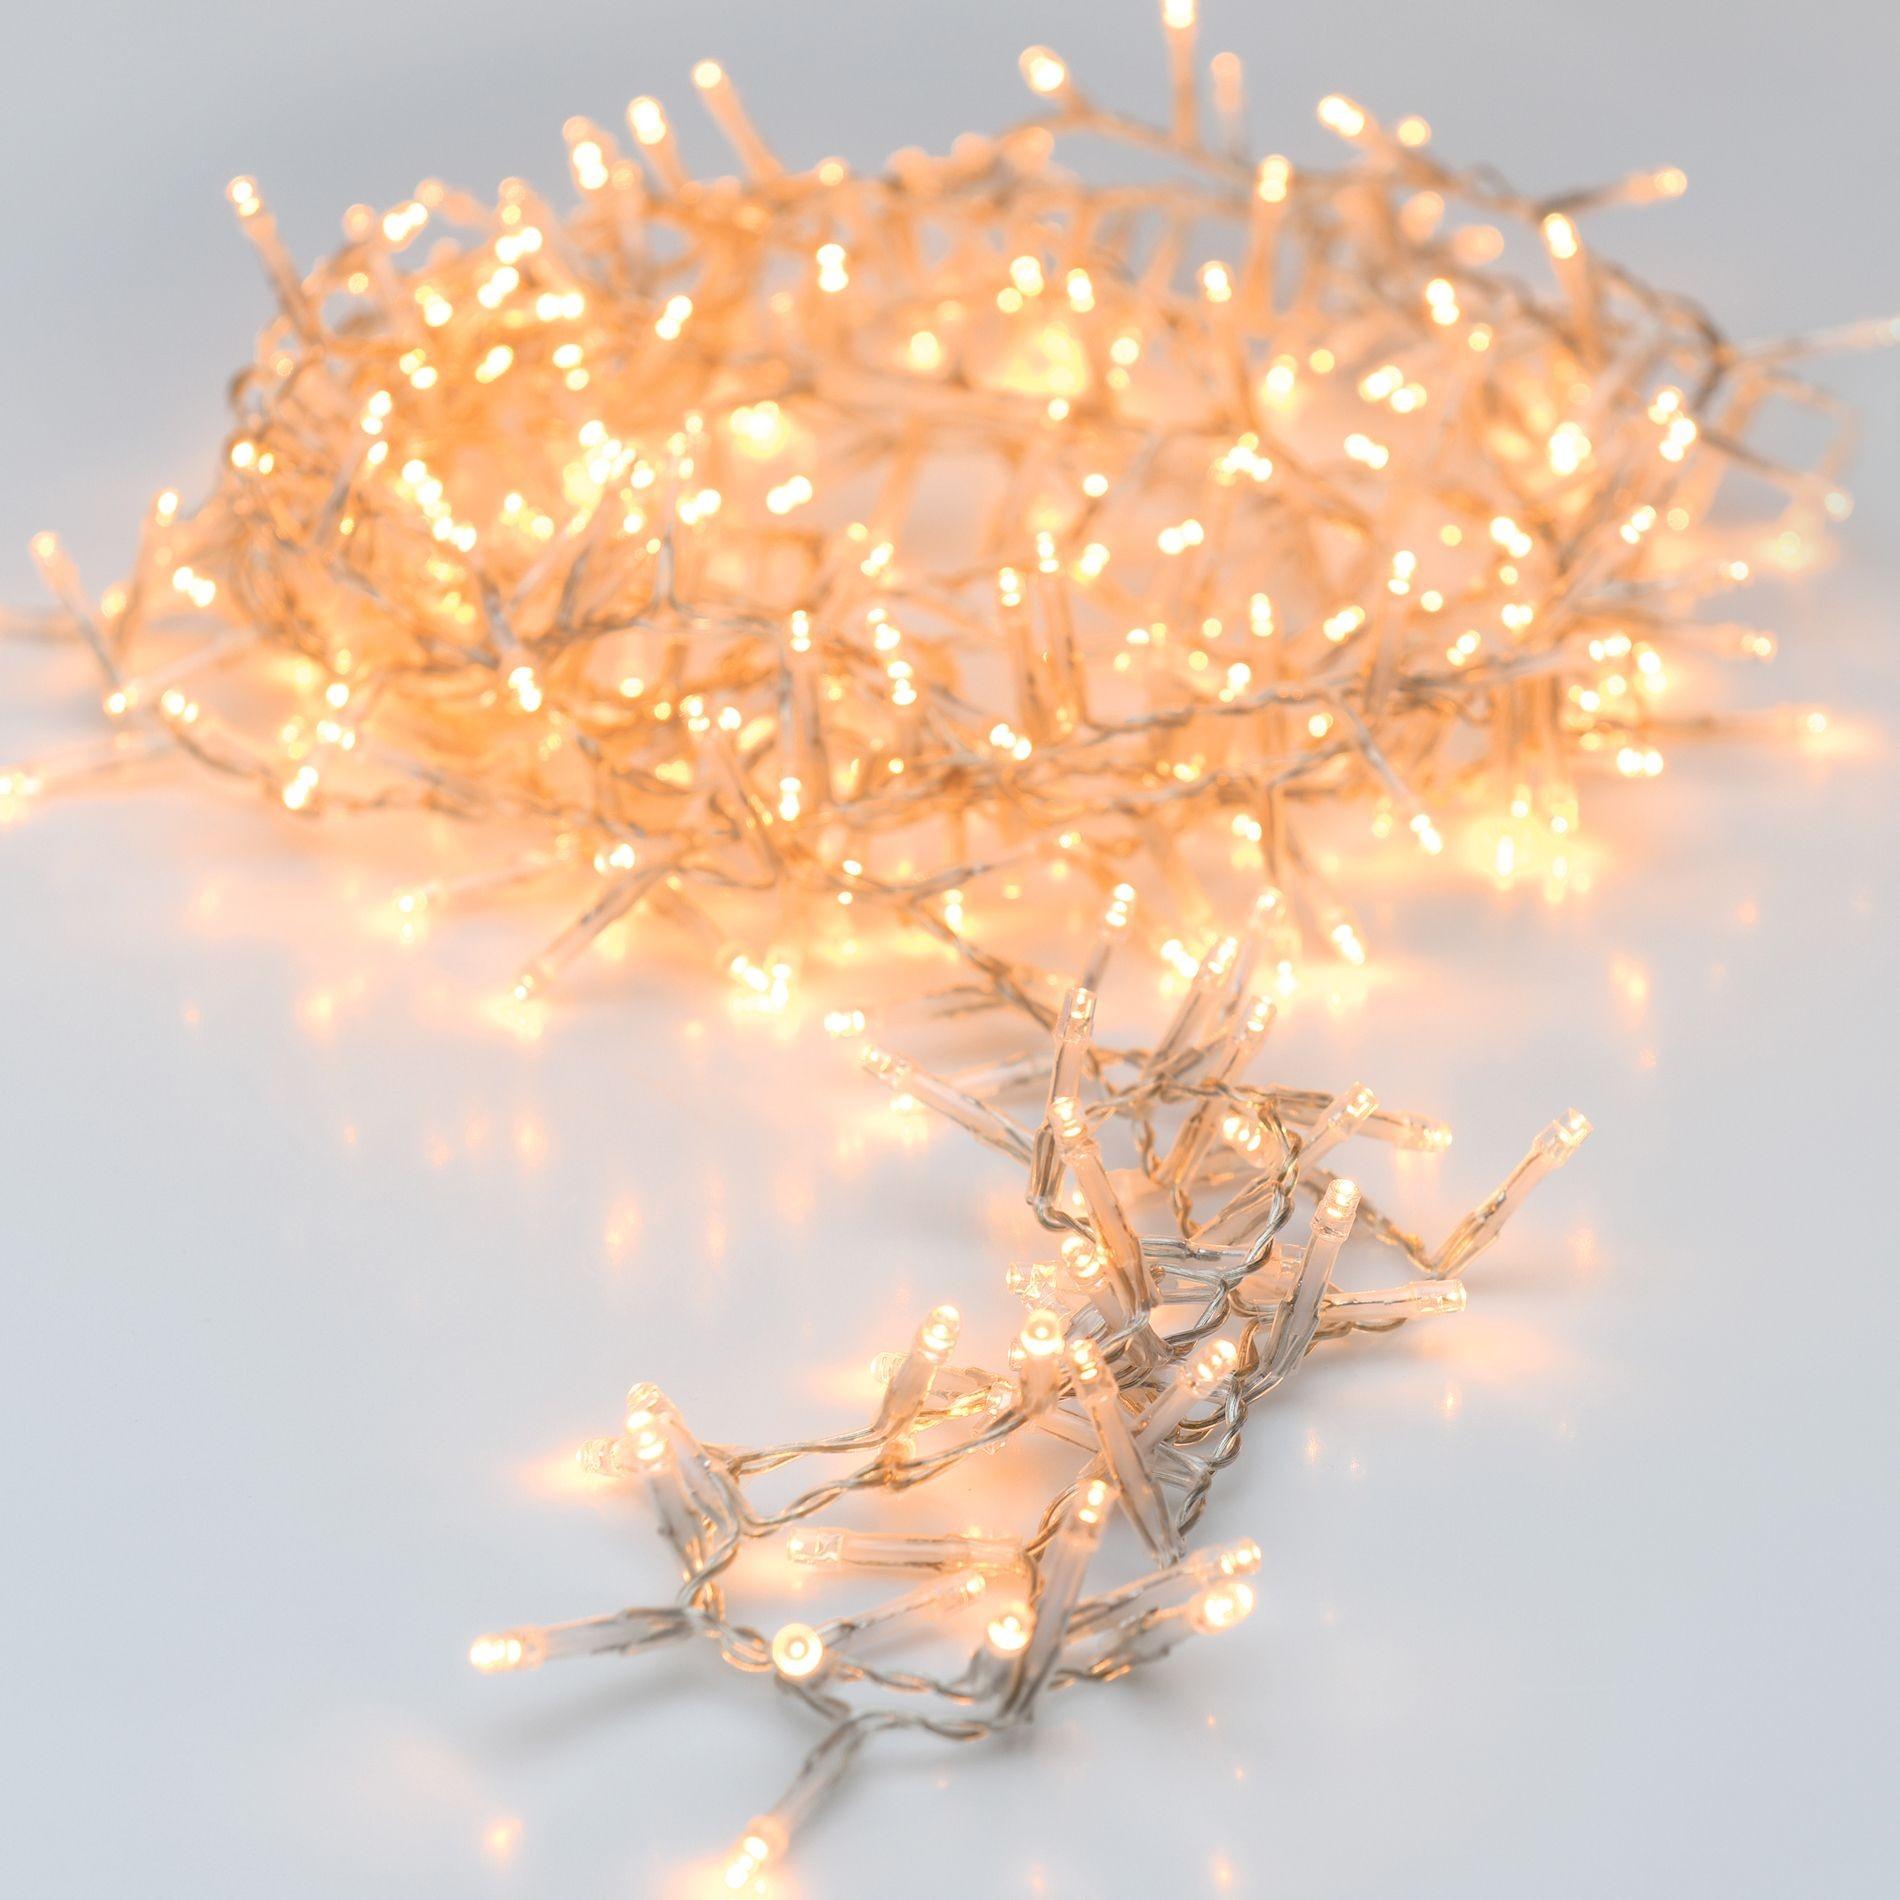 Guirlande lumineuse 24 m blanc chaud 1200 leds